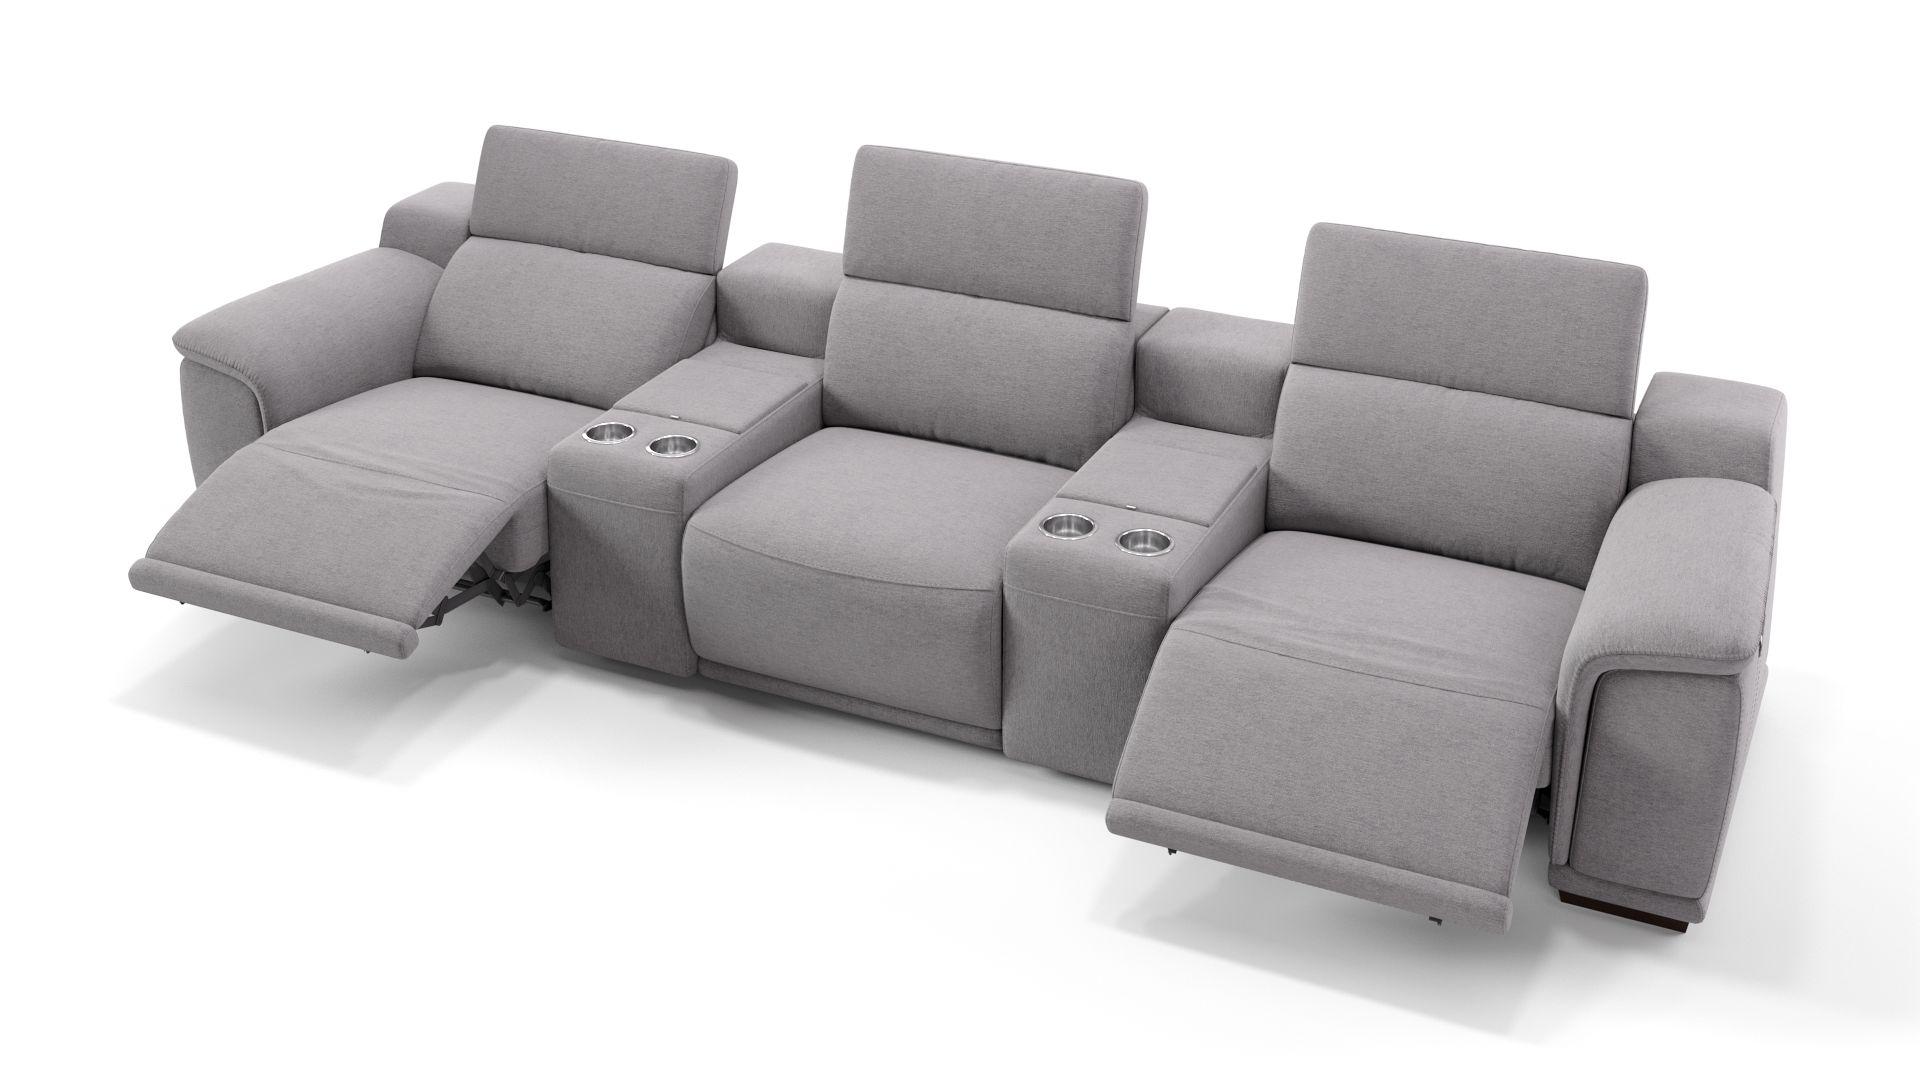 Stoff 3-Sitzer Kinosofa mit zwei Mittelkonsolen MONTEFINO